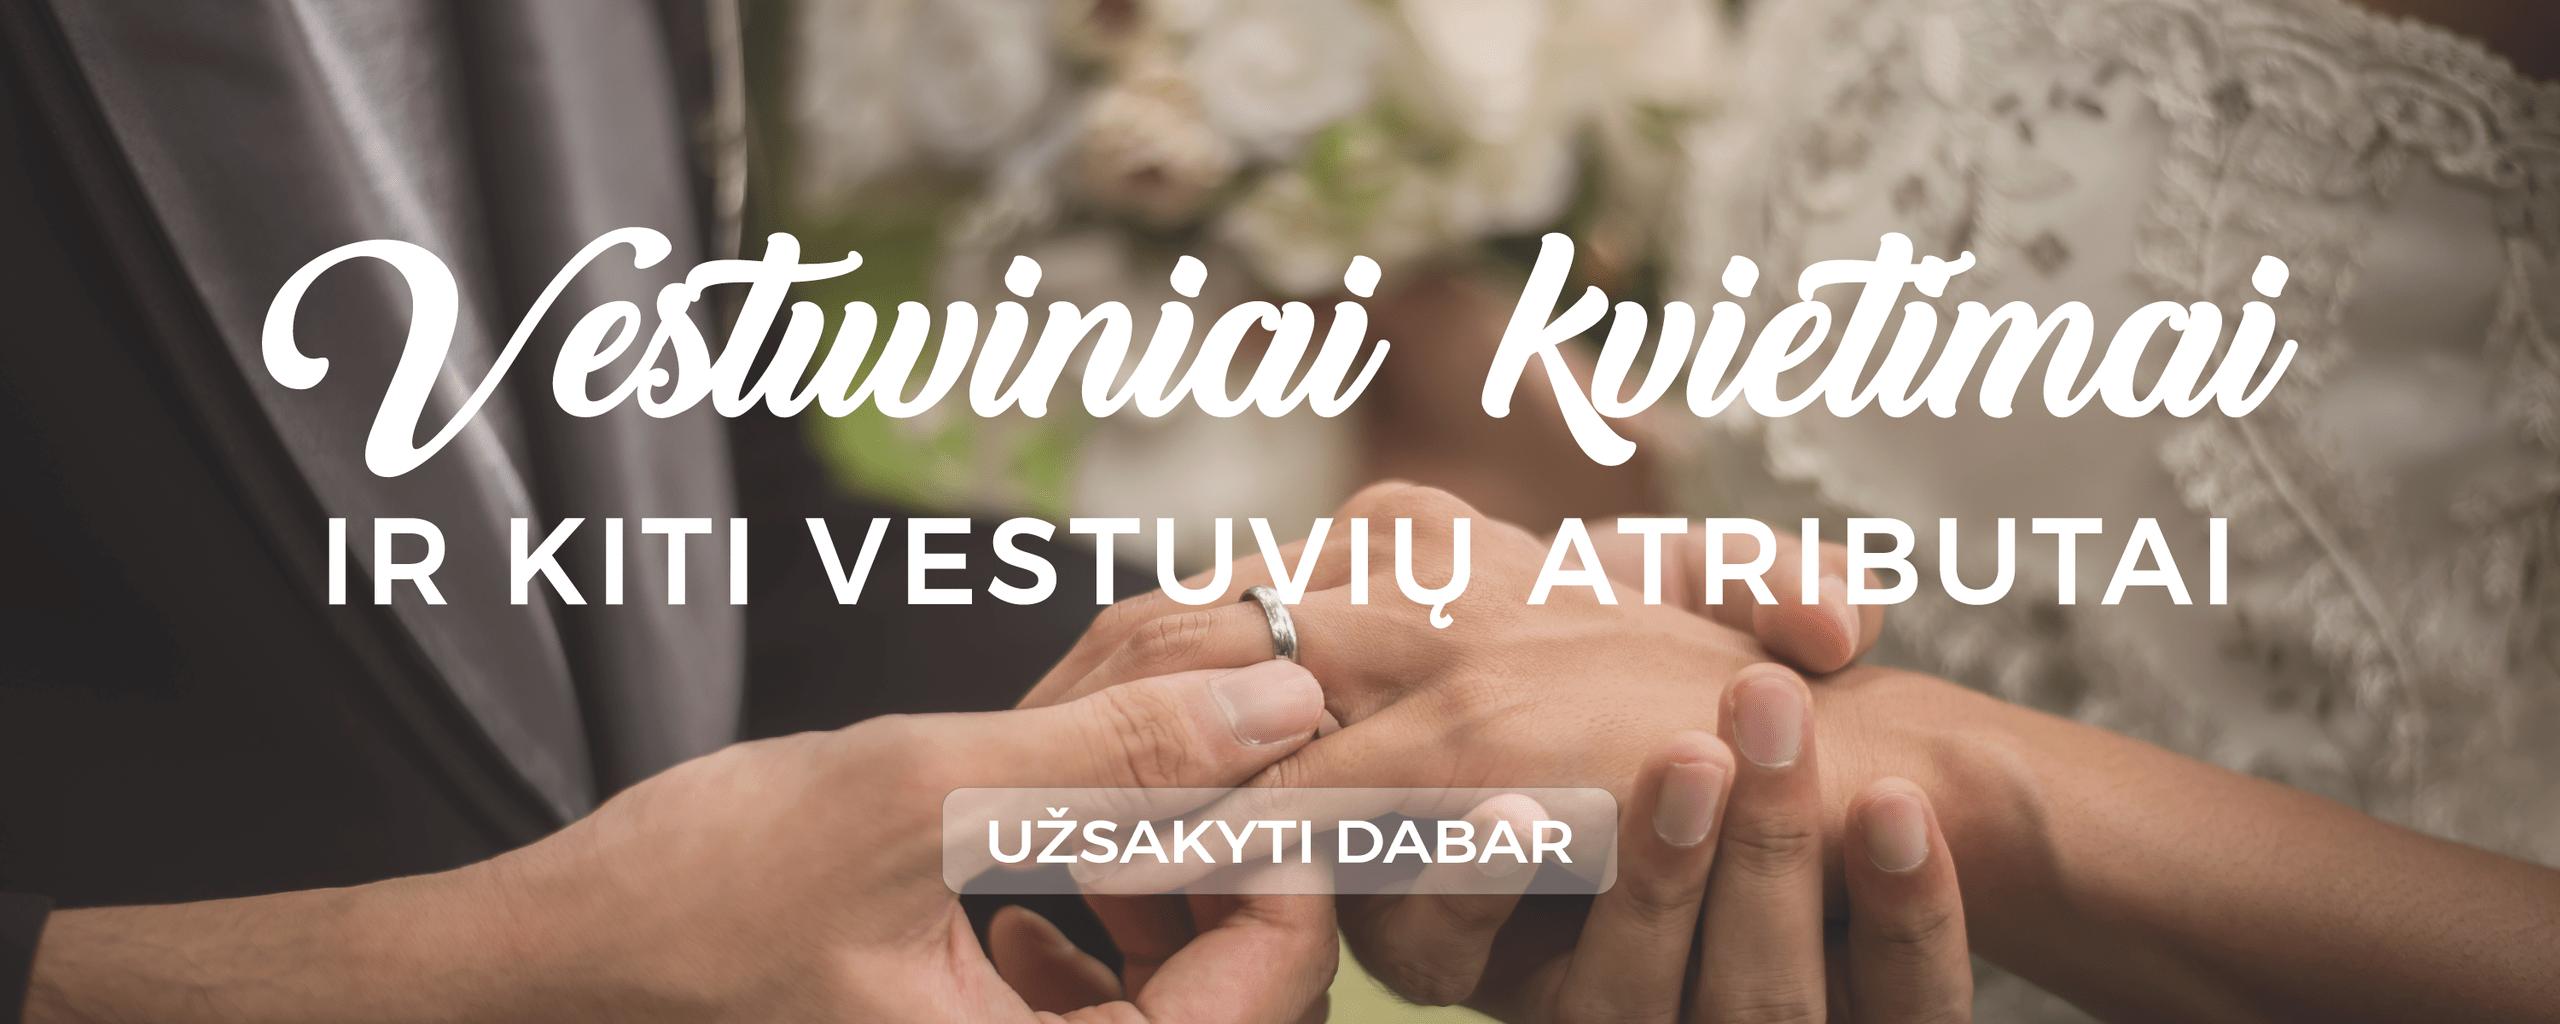 vestuviniai-kvietimai-ir-kiti-atributai-psl